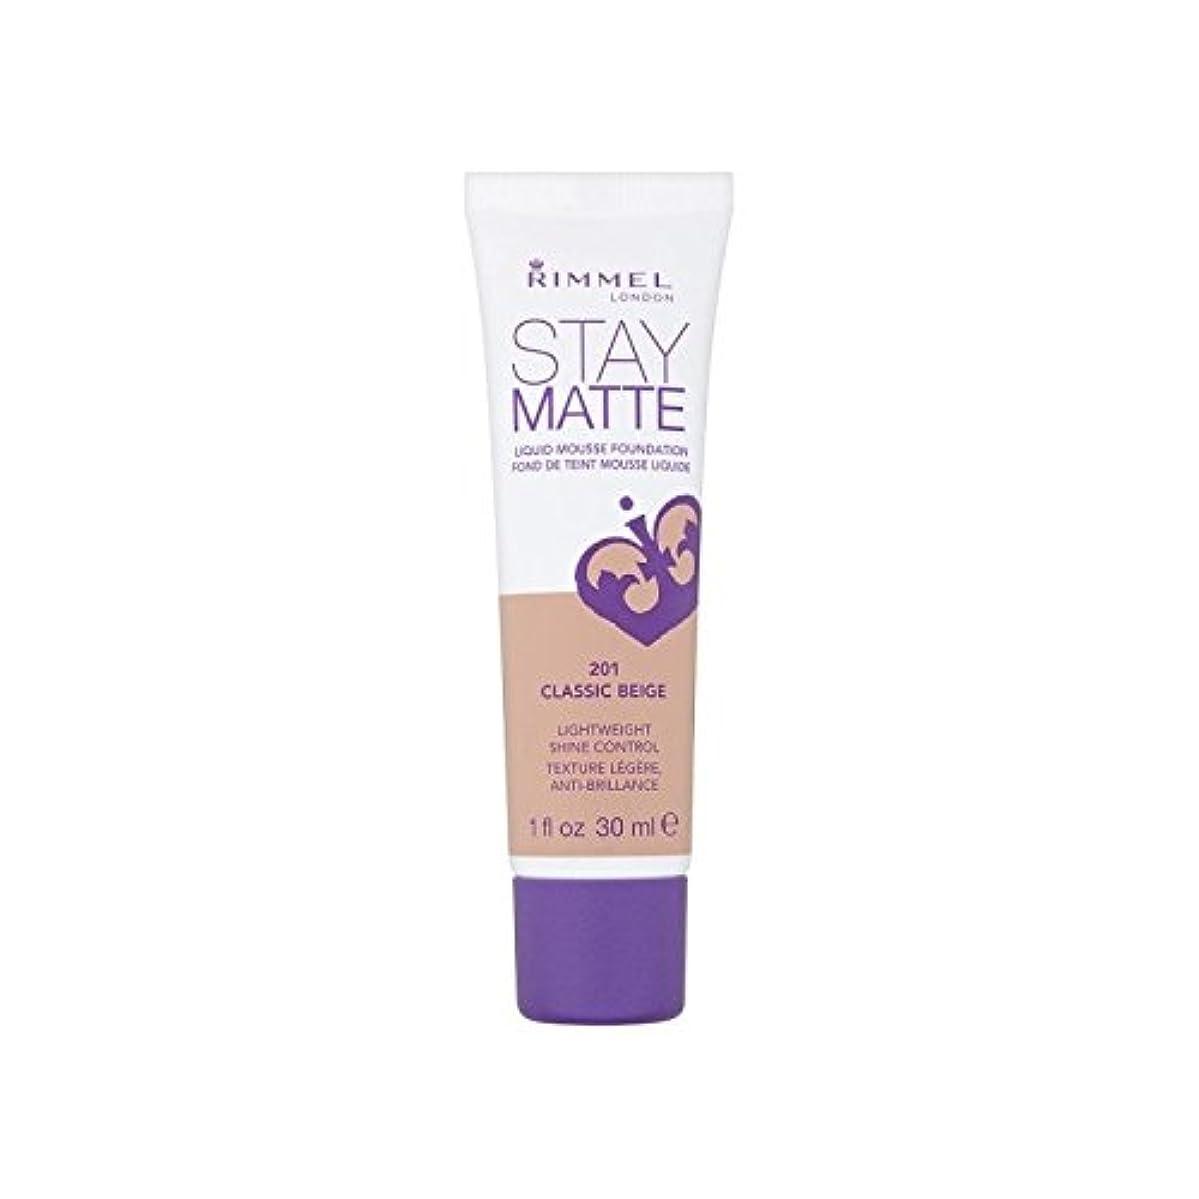 有効なためらう転倒Rimmel Stay Matte Foundation Classic Beige (Pack of 6) - リンメルステイマット基盤古典ベージュ x6 [並行輸入品]